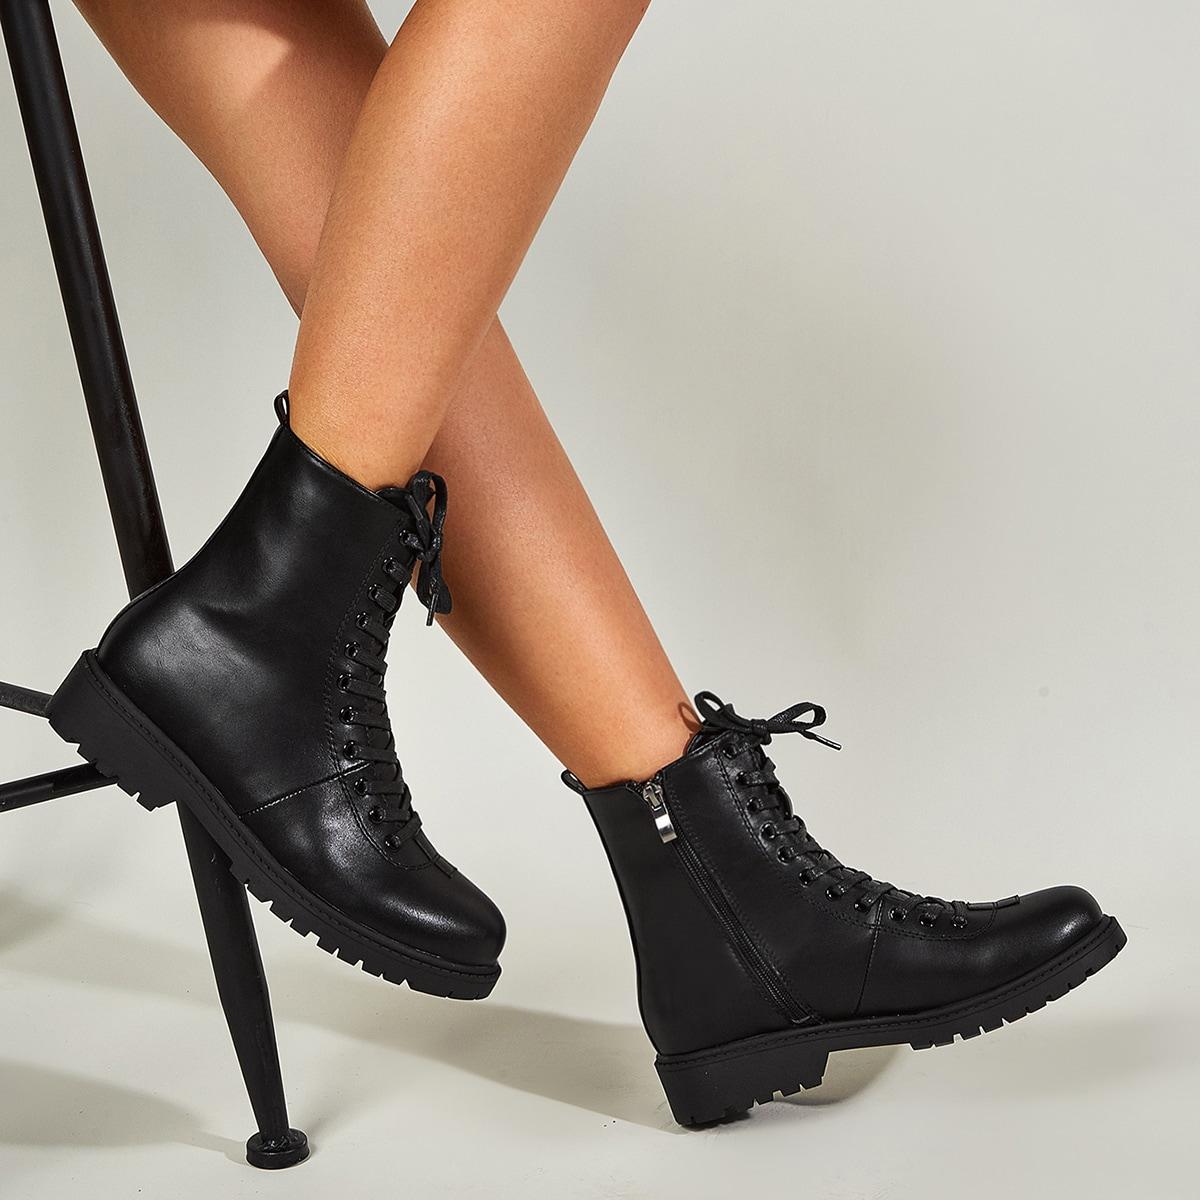 SHEIN / Minimalistische Stiefel mit Reißverschluss zum Schnüren